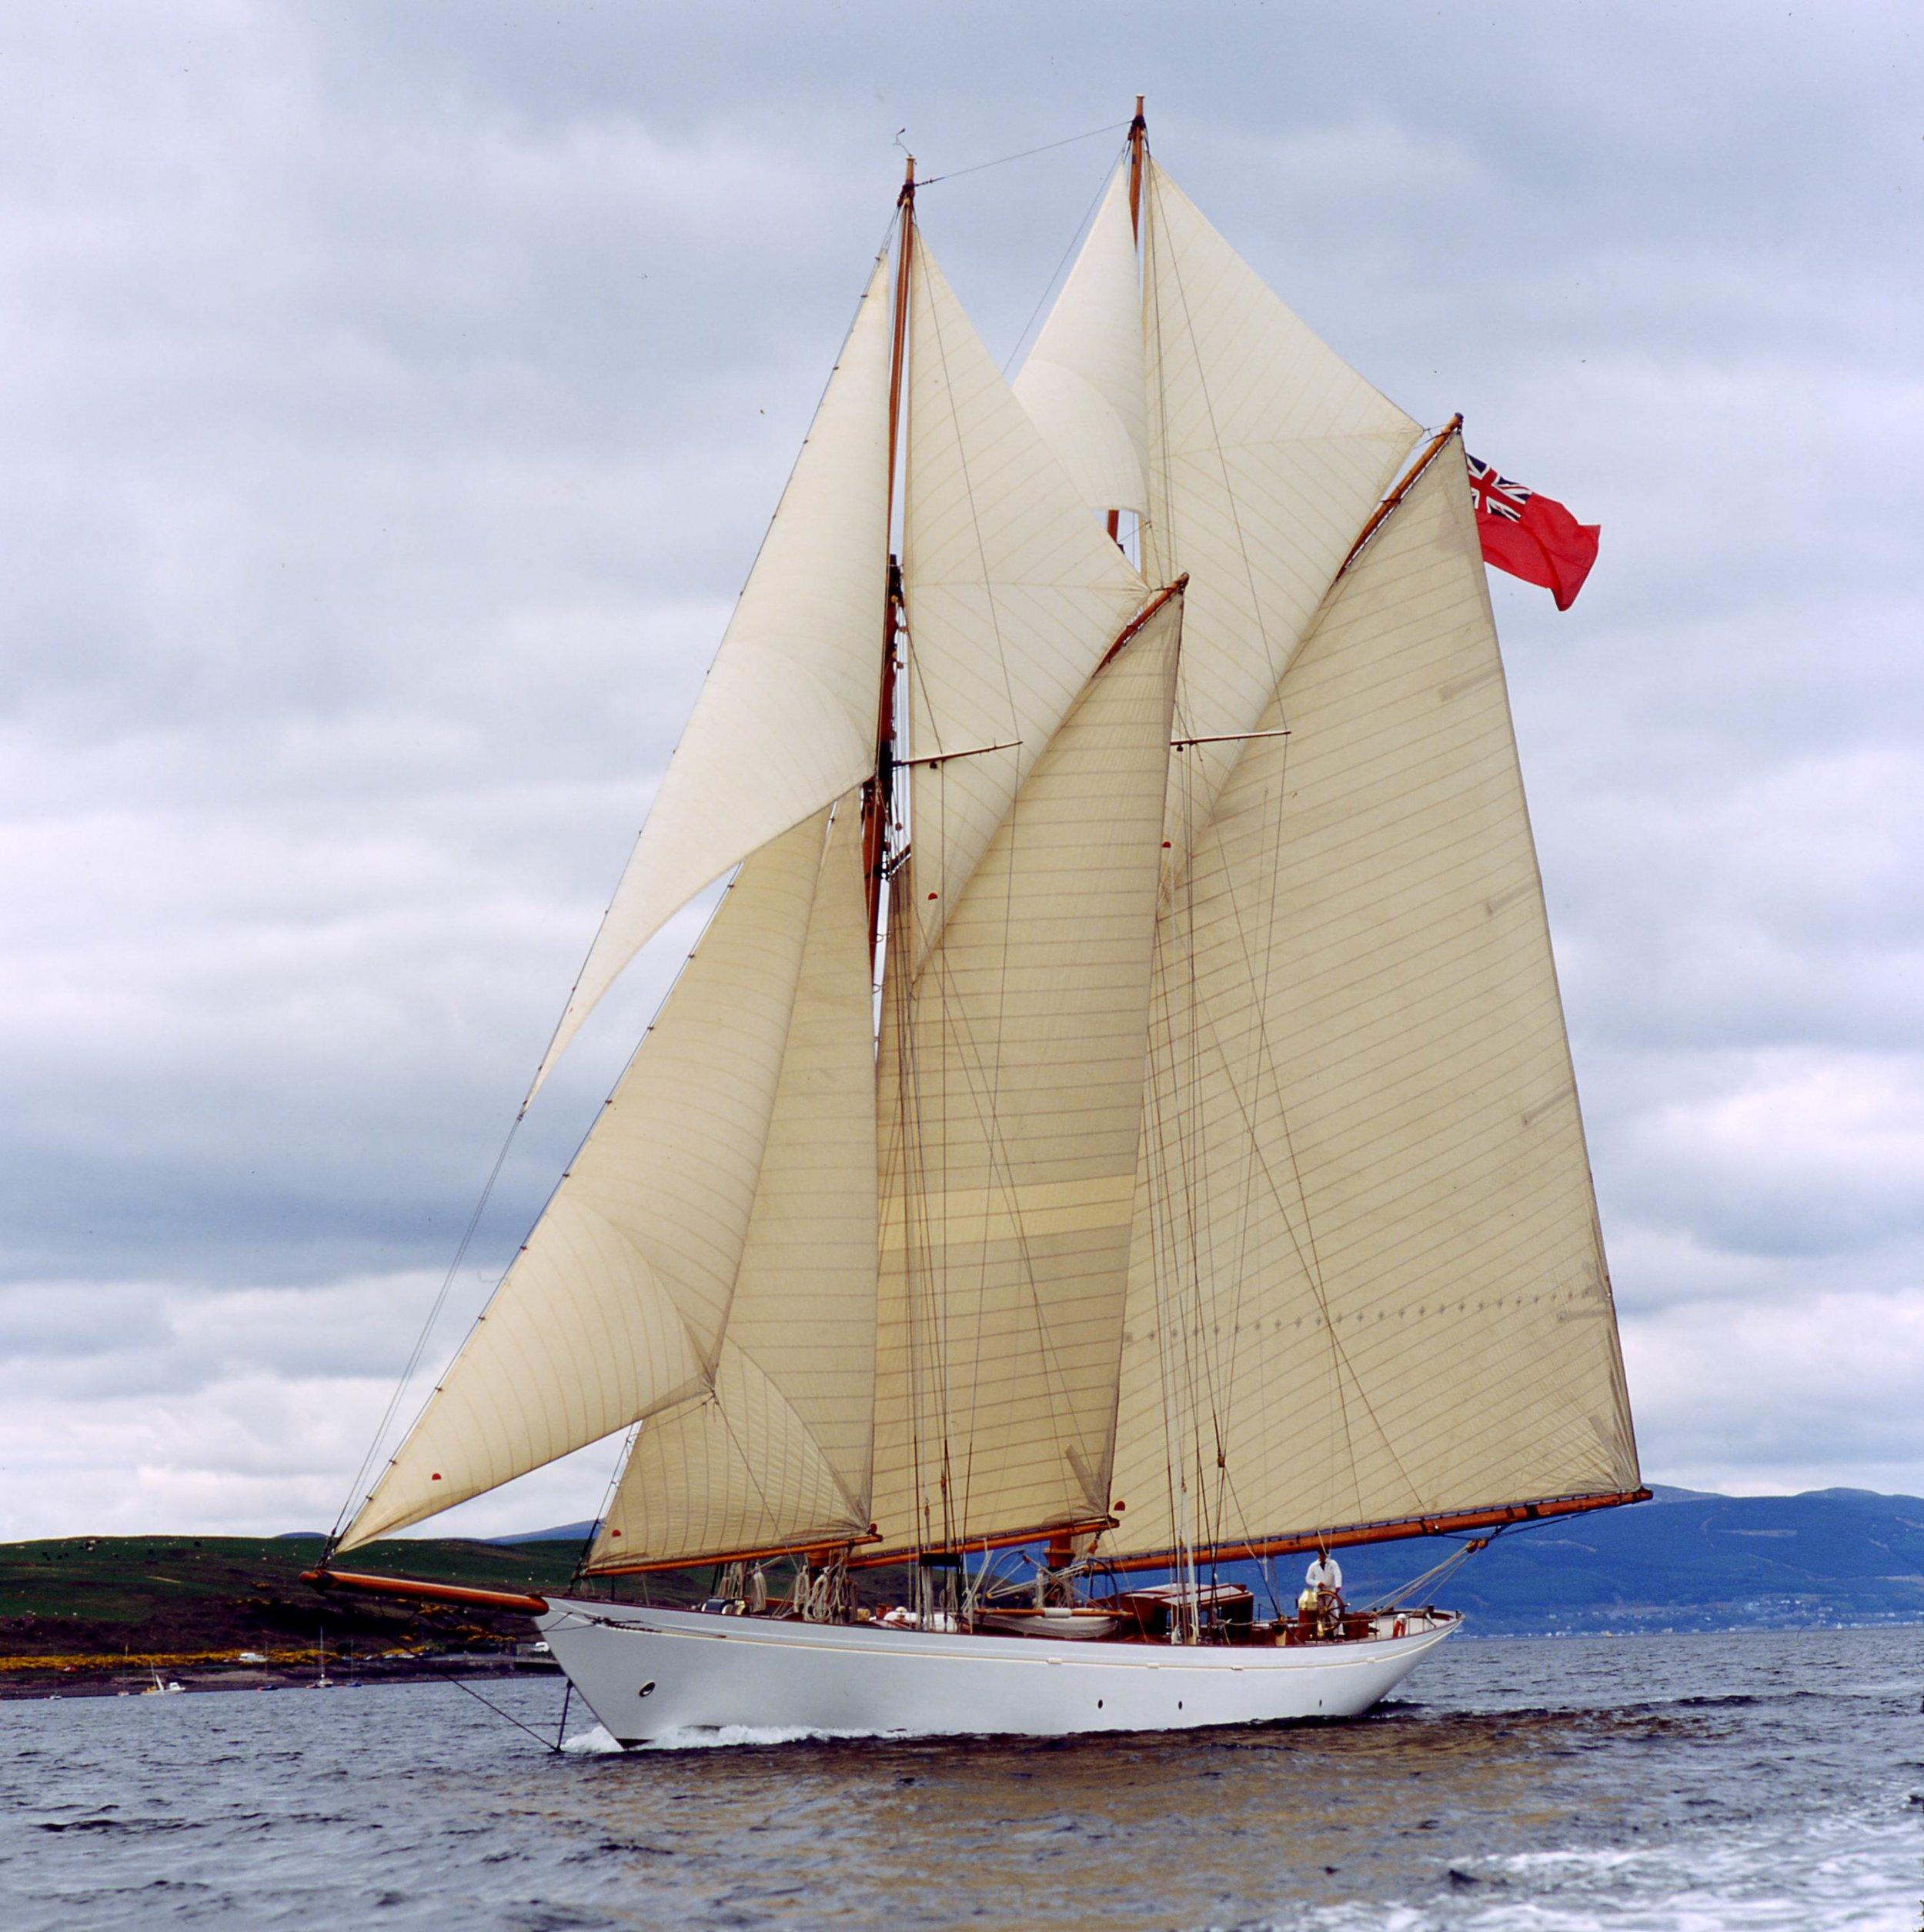 The Fife designed schooner during a visit to Fairlie